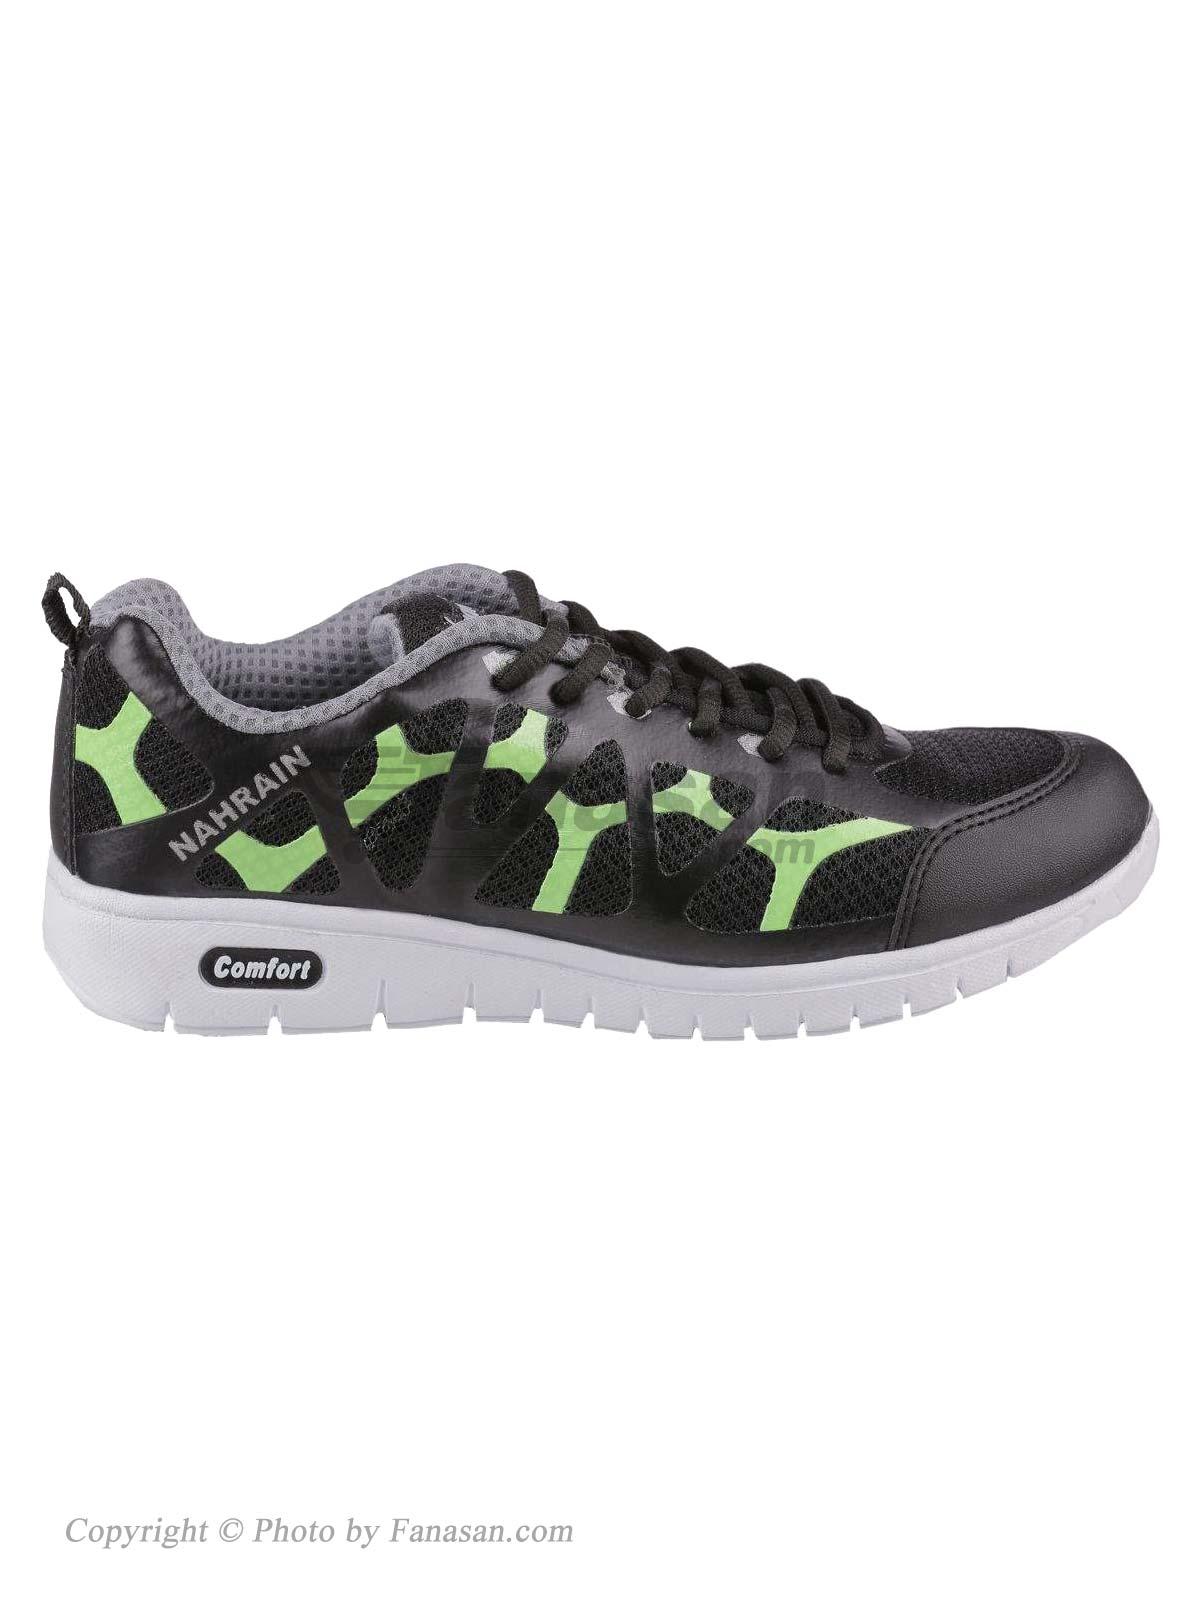 کفش زنانه نهرین مدل گارنیک مشکی سبز فسفوری سایز 40